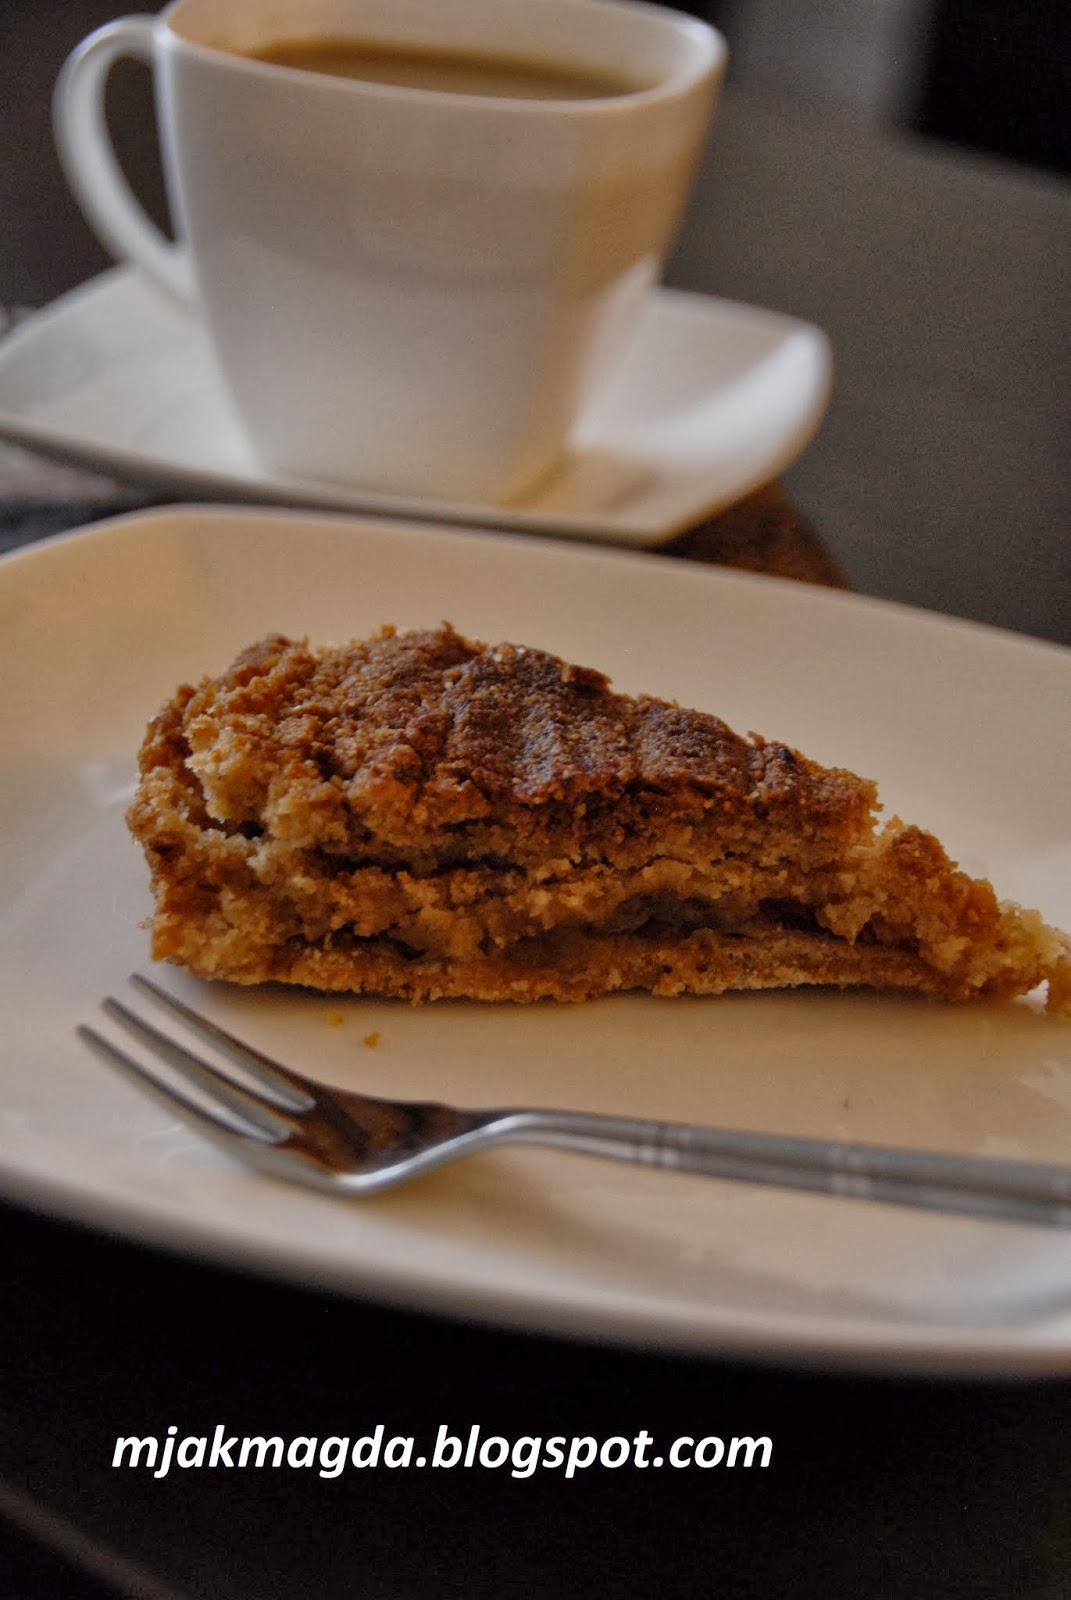 ciasto, szarlotka, placek, jabłka, jabłko, jabłkowy, jabłecznik, przepis, jak upiec, pieczemy, deser, posypka, przysmak, cake, pie, cake, apples, apple, apple, apple pie, recipe, how to bake, bake, dessert, delicacy,